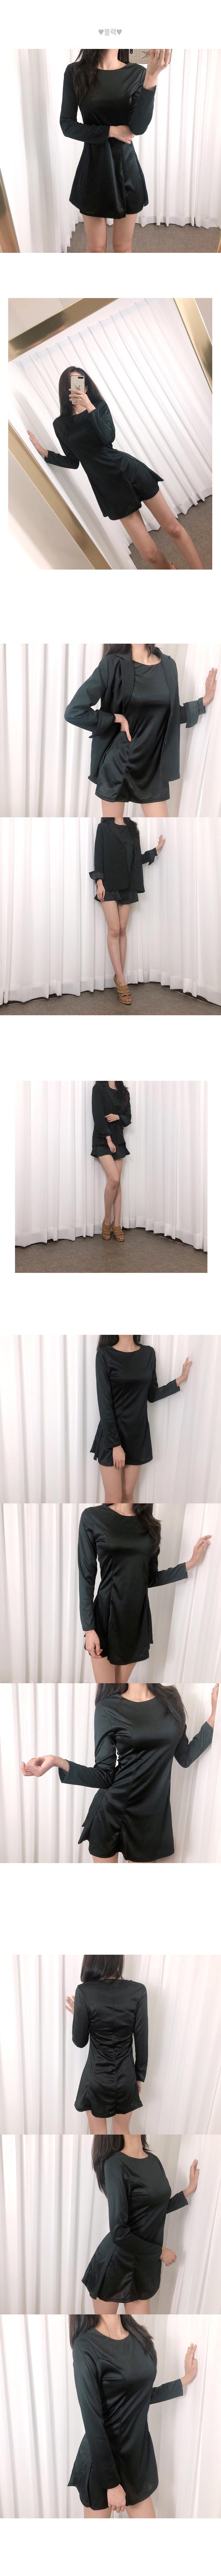 홀리 여성 기본 플레어 블랙 원피스 - 홀리우먼, 22,900원, 원피스, 미니원피스